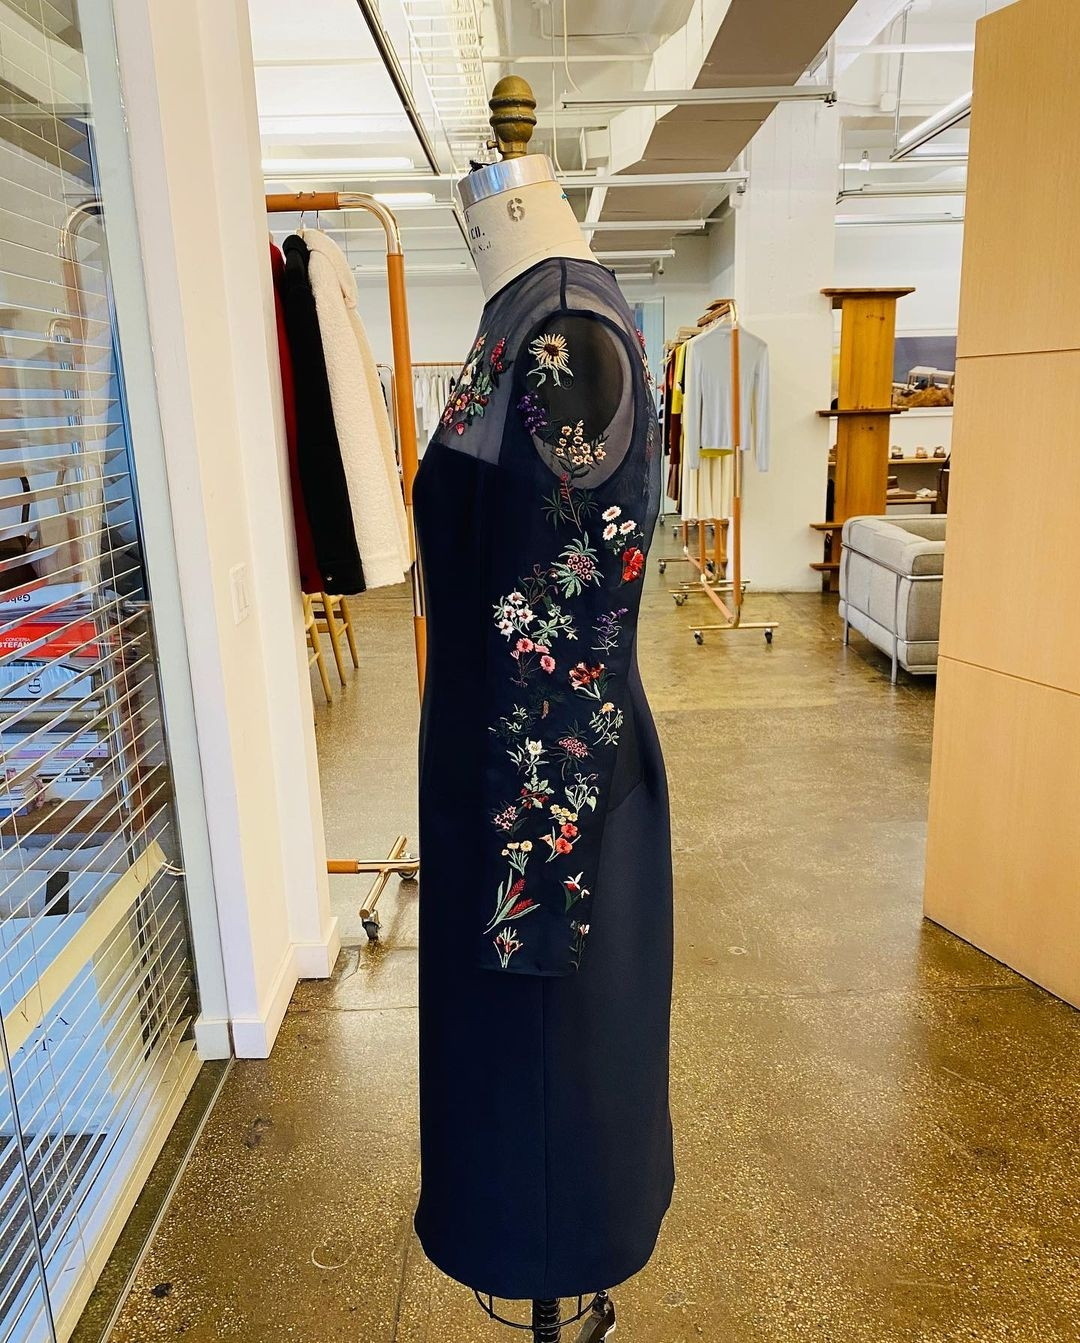 Джилл Байден вышла в свет в элегантном платье с прозрачными вставками (ФОТО) - фото №4